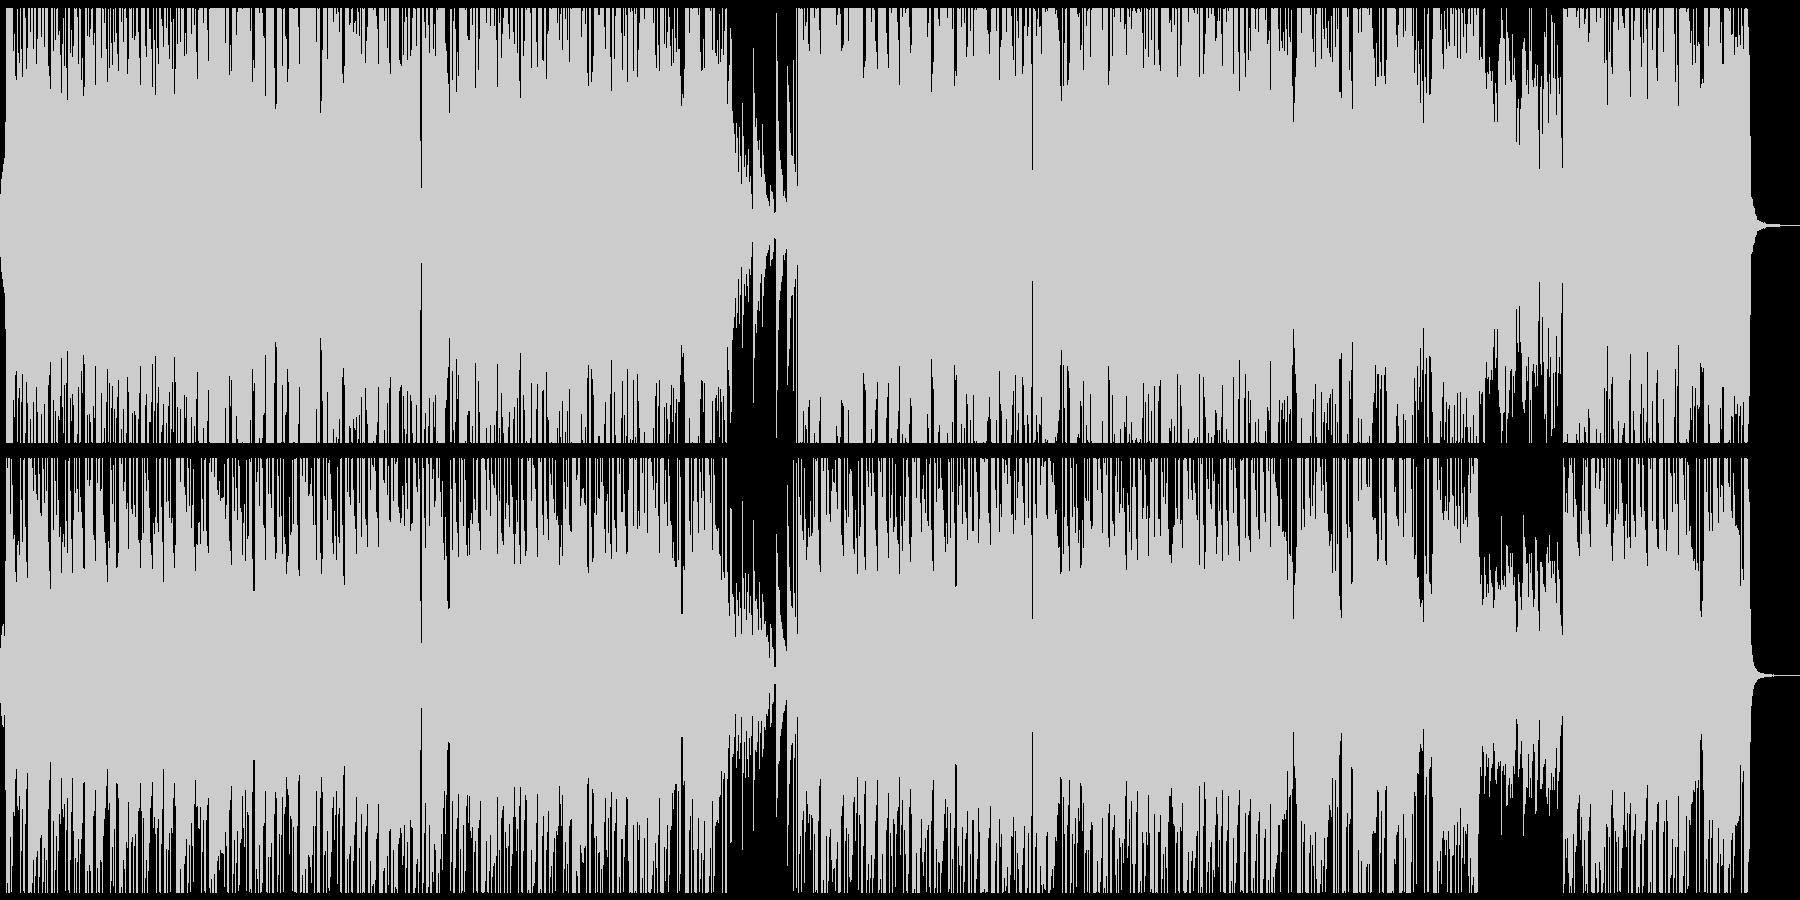 切ない/バラード/フルート/ピアノの未再生の波形